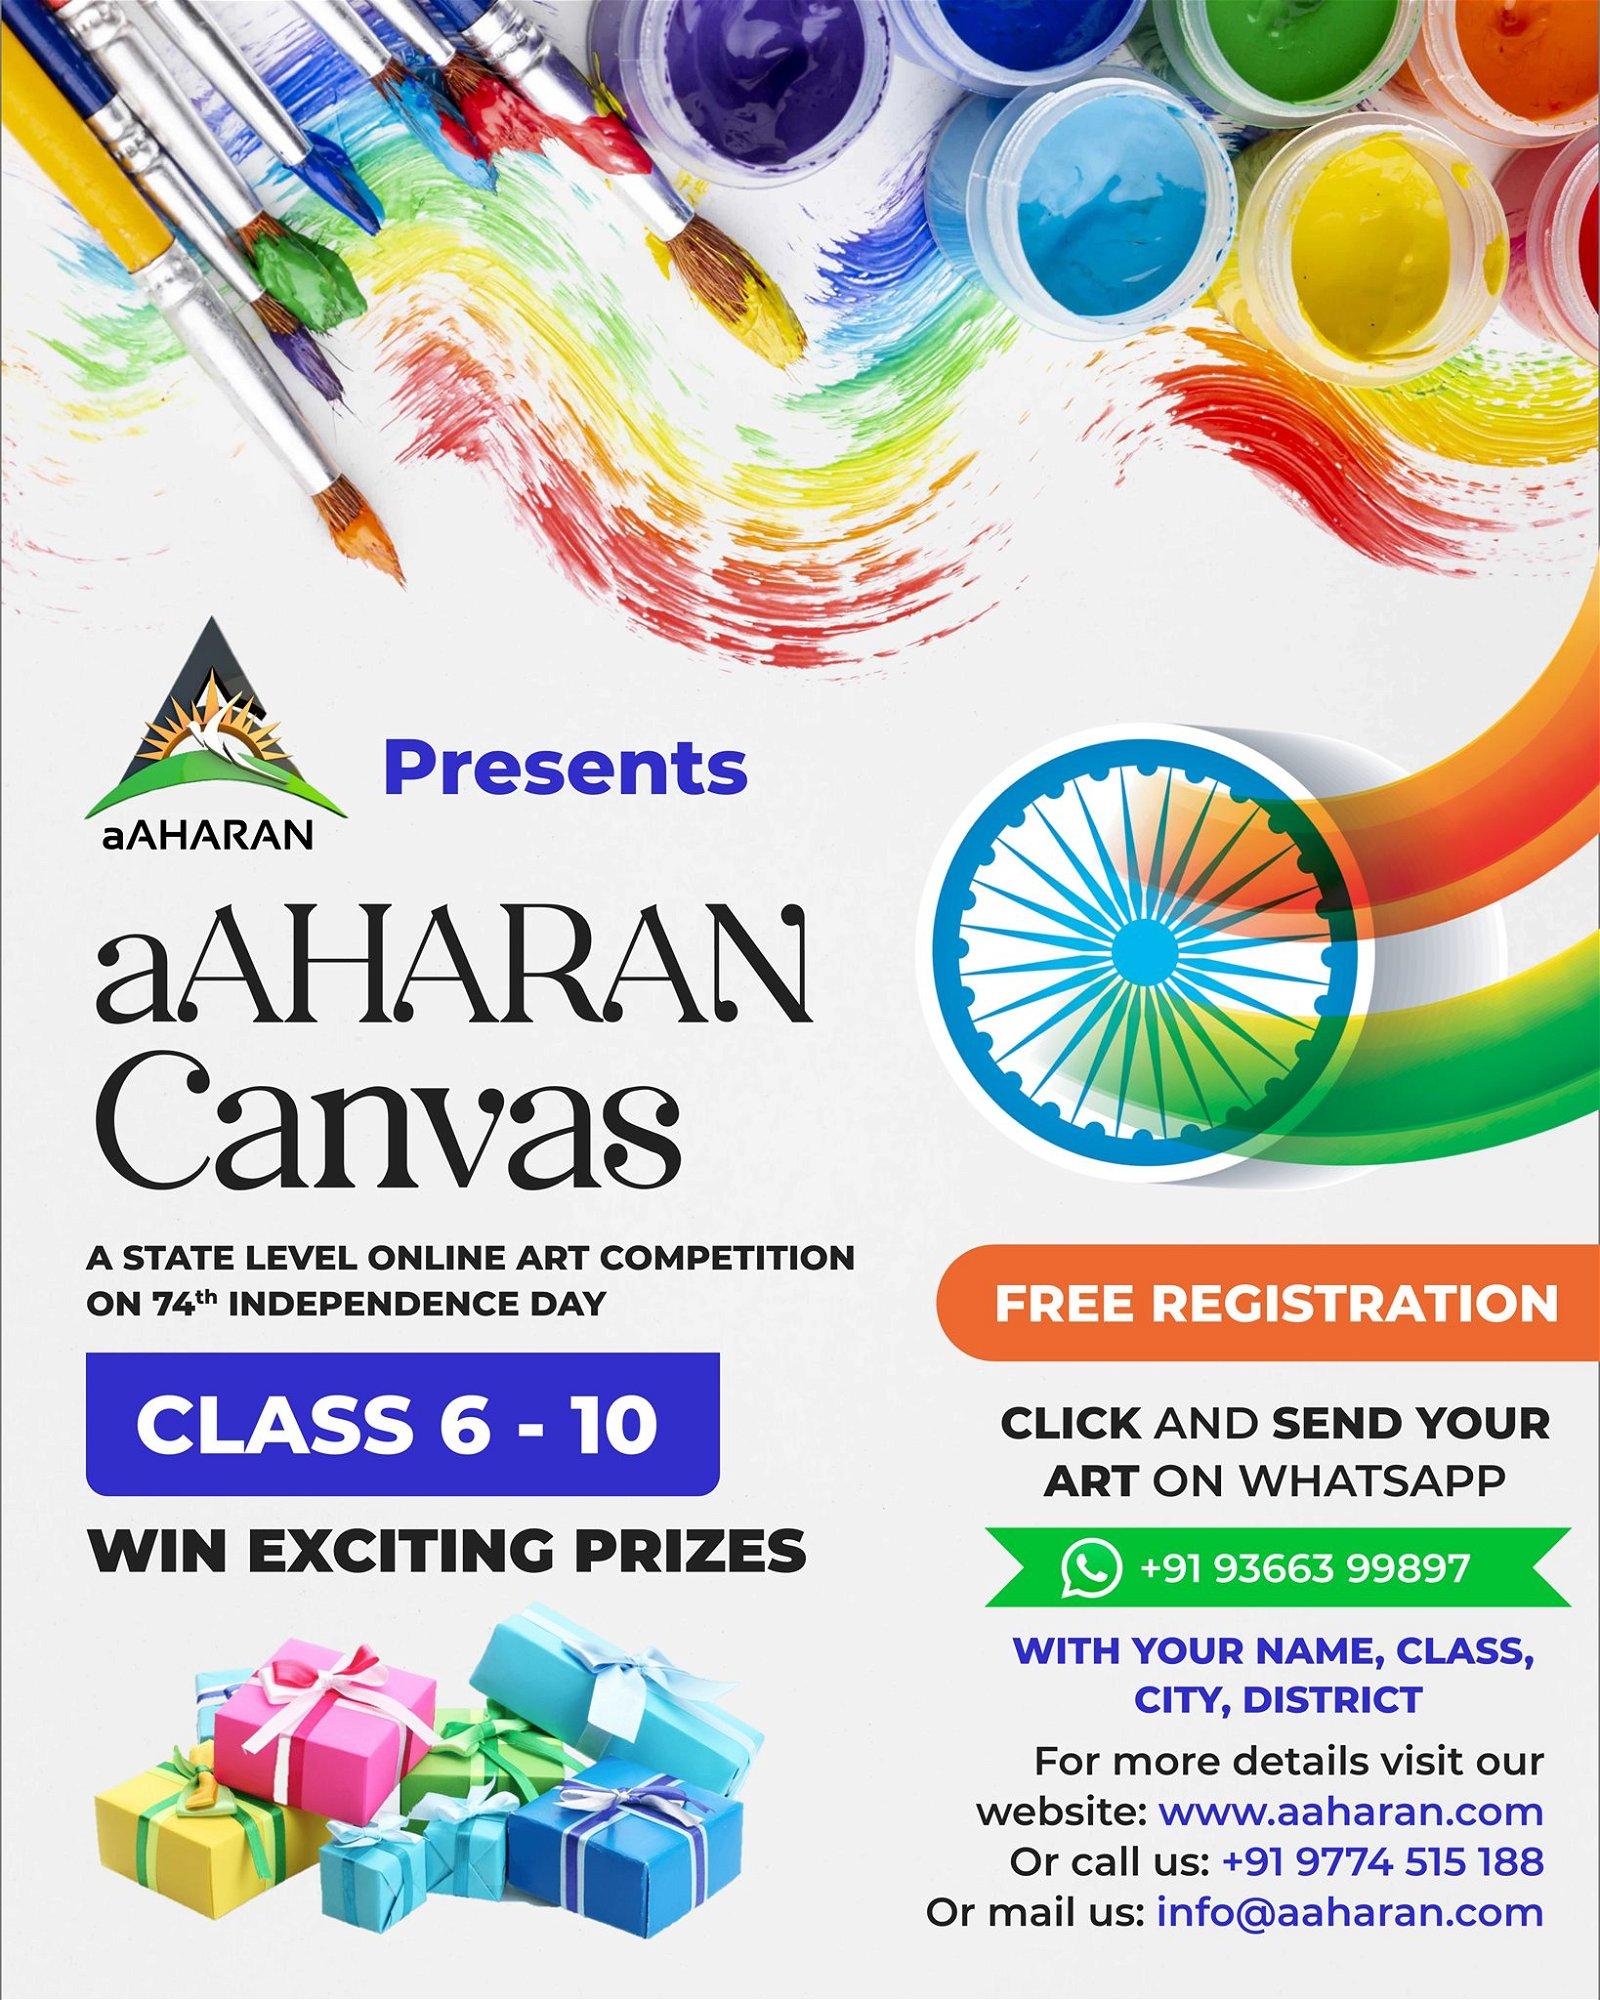 aaharan canvas